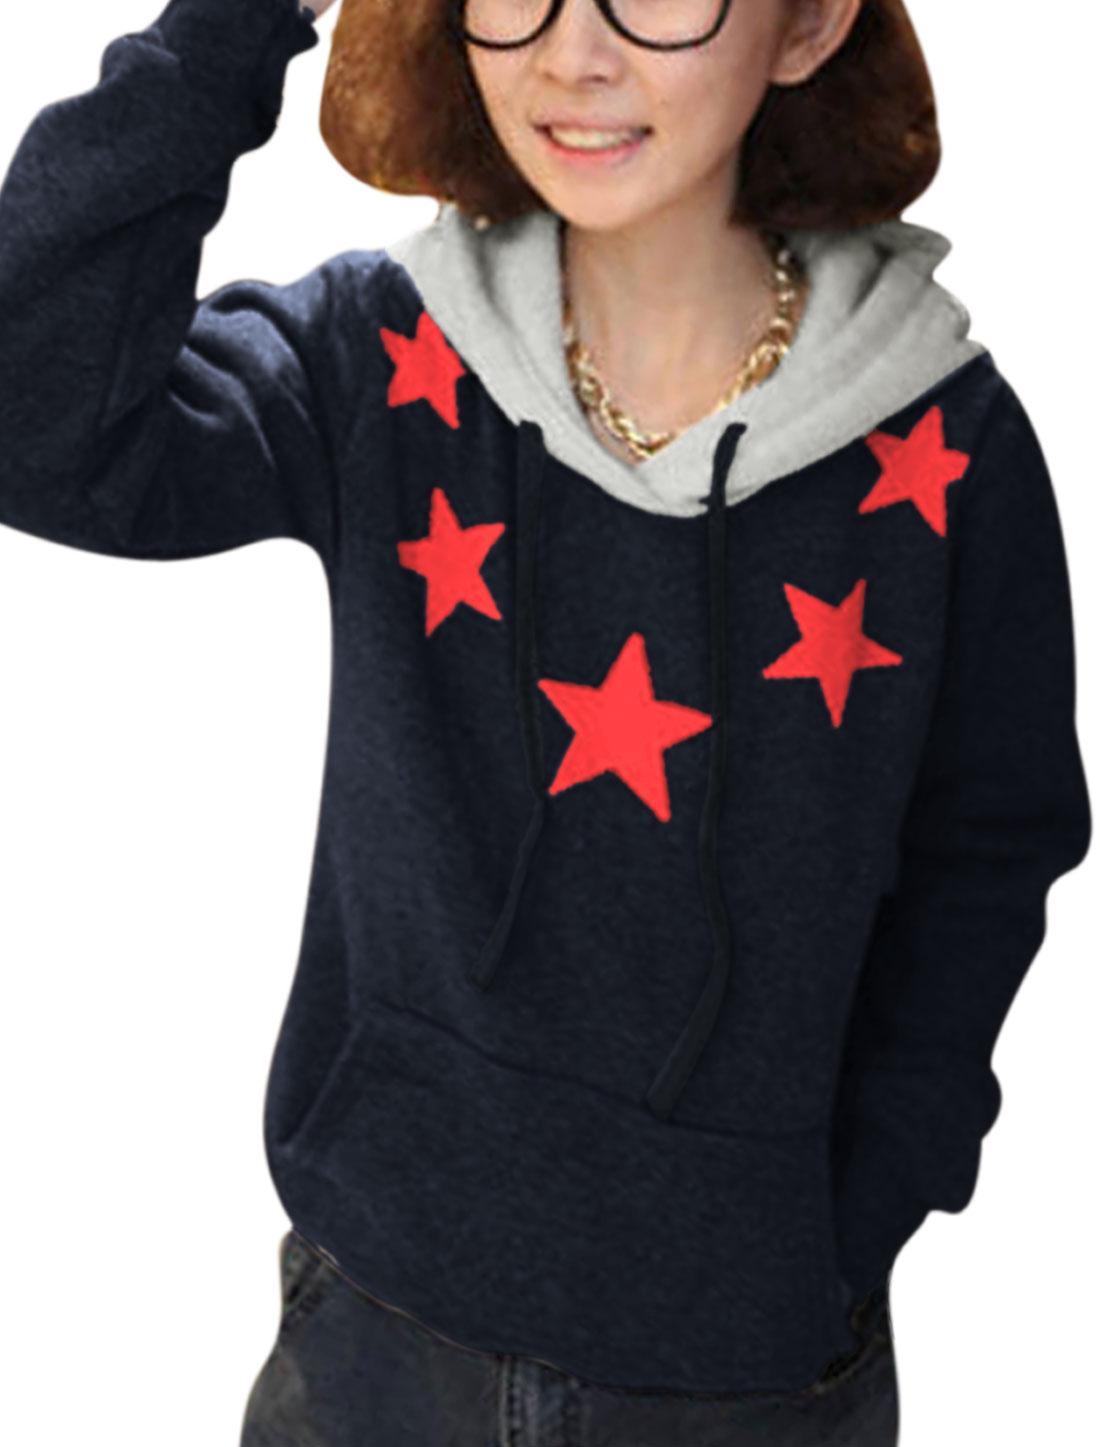 Ladies Navy Blue Long Sleeves Contrast Color Pullover Printed Stars Hoodie XS